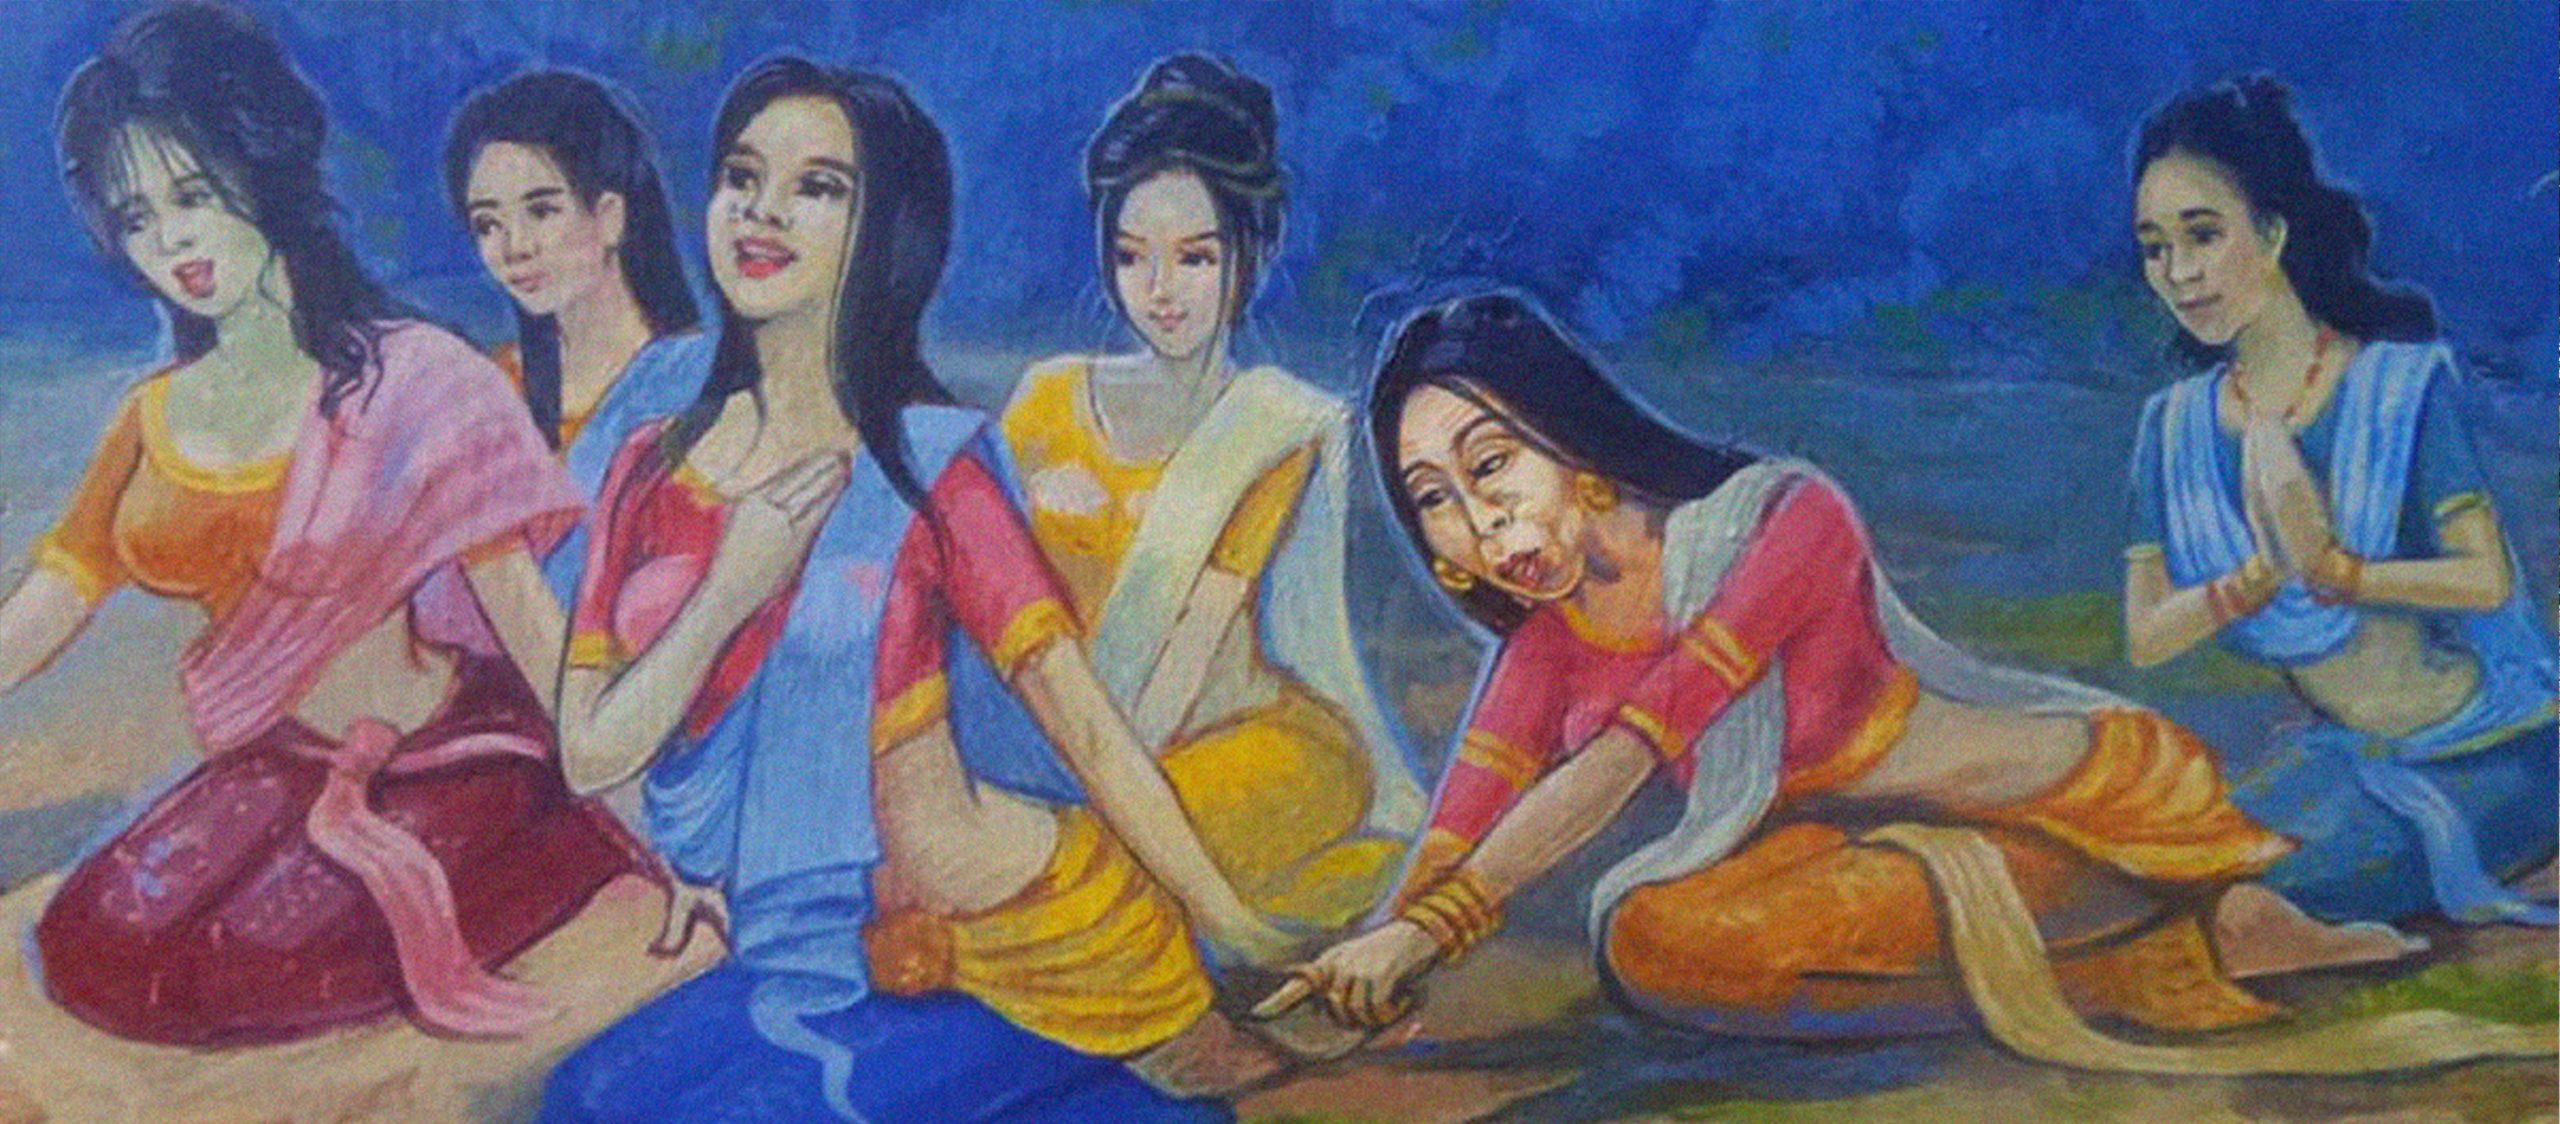 เมดอินไทยแลนด์ : archives : พฤษภาคม 2563